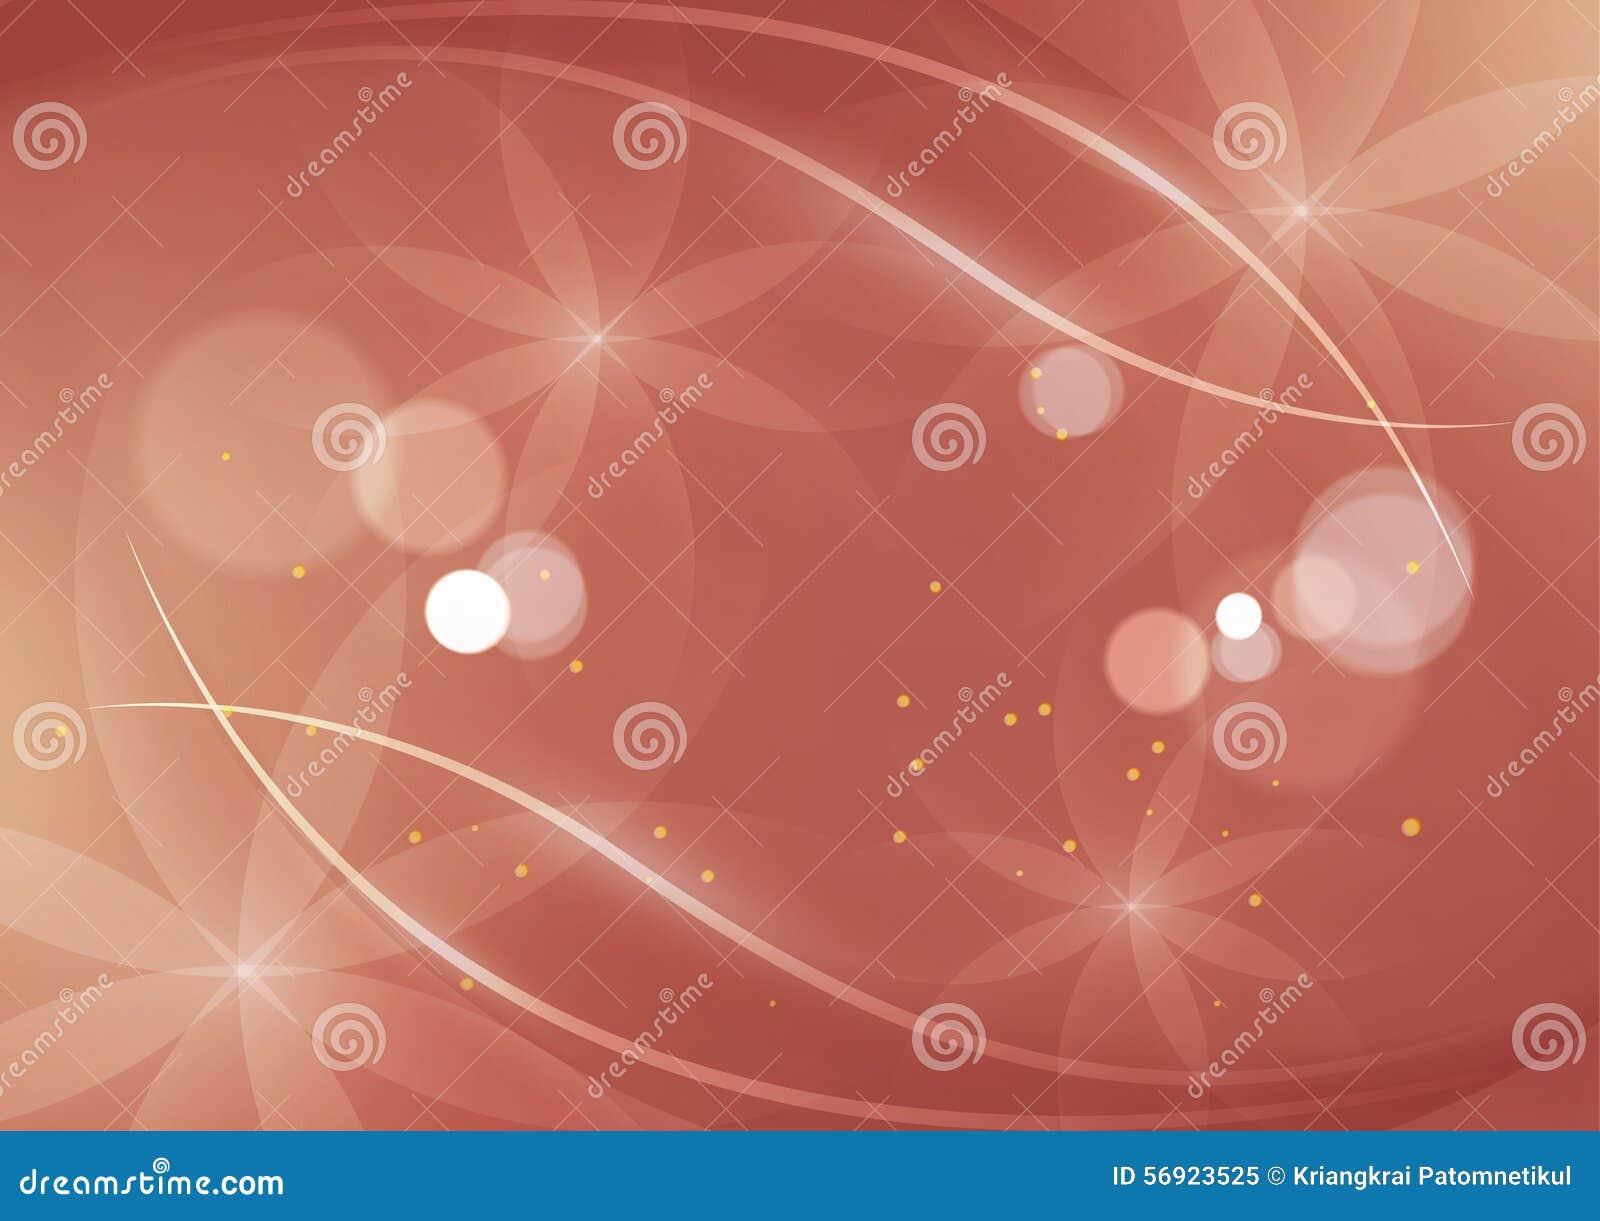 Rose Background anziana floreale astratta per progettazione